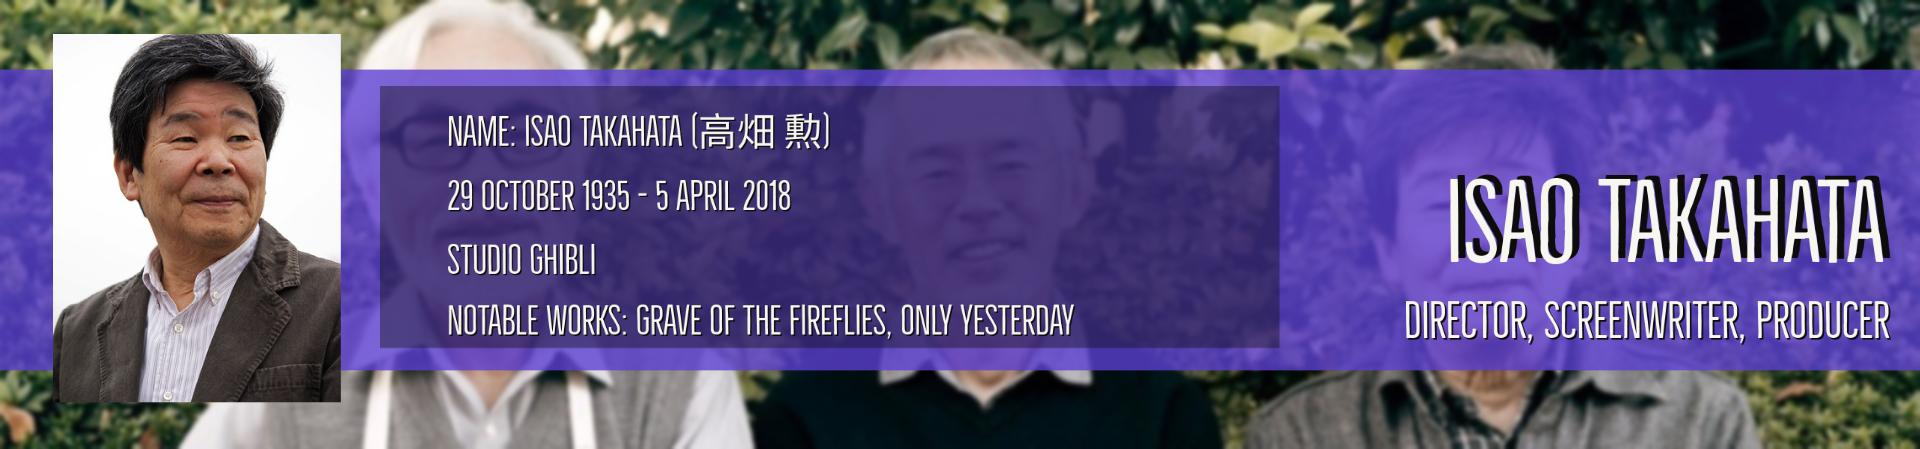 Isao Takahata bio box